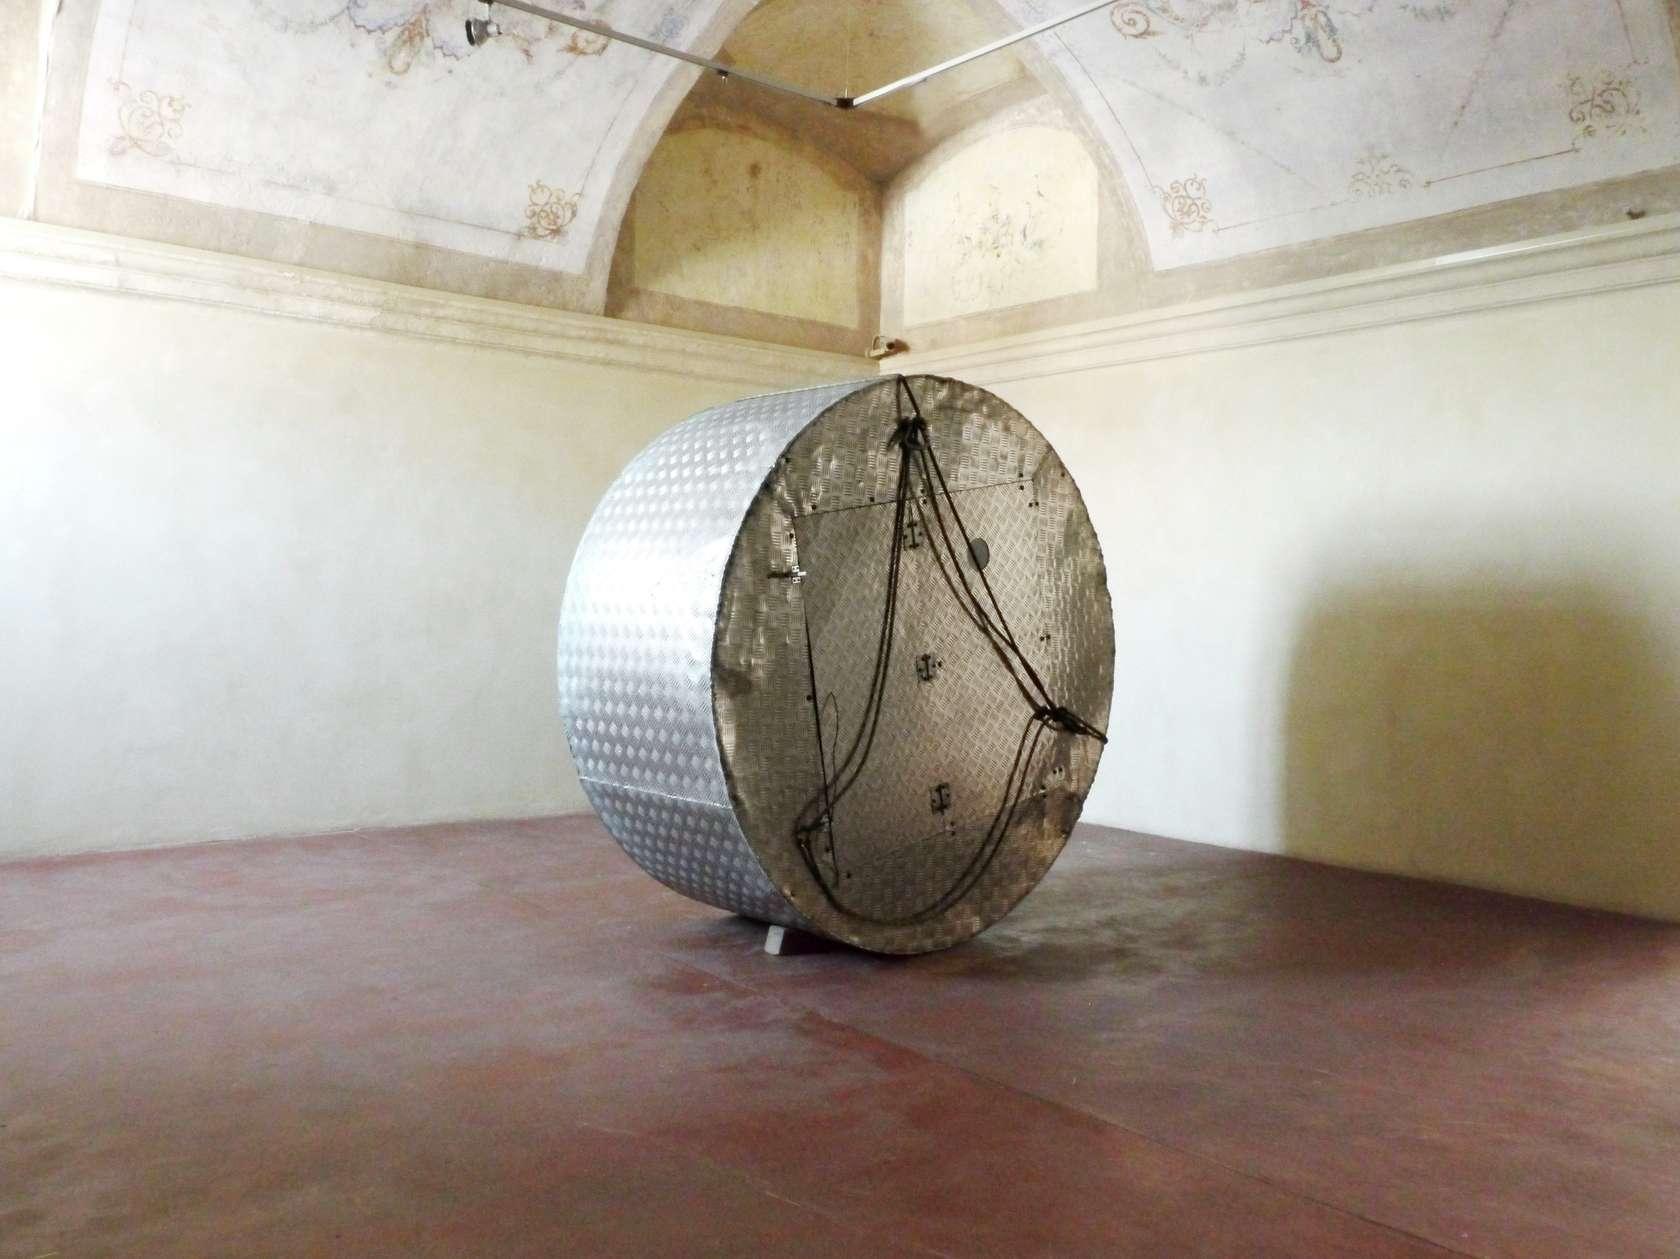 Abraham Poincheval, Gyrovague, le voyage invisible, 2011 - 2012 Matériaux mixte et vidéo numérique (10'48